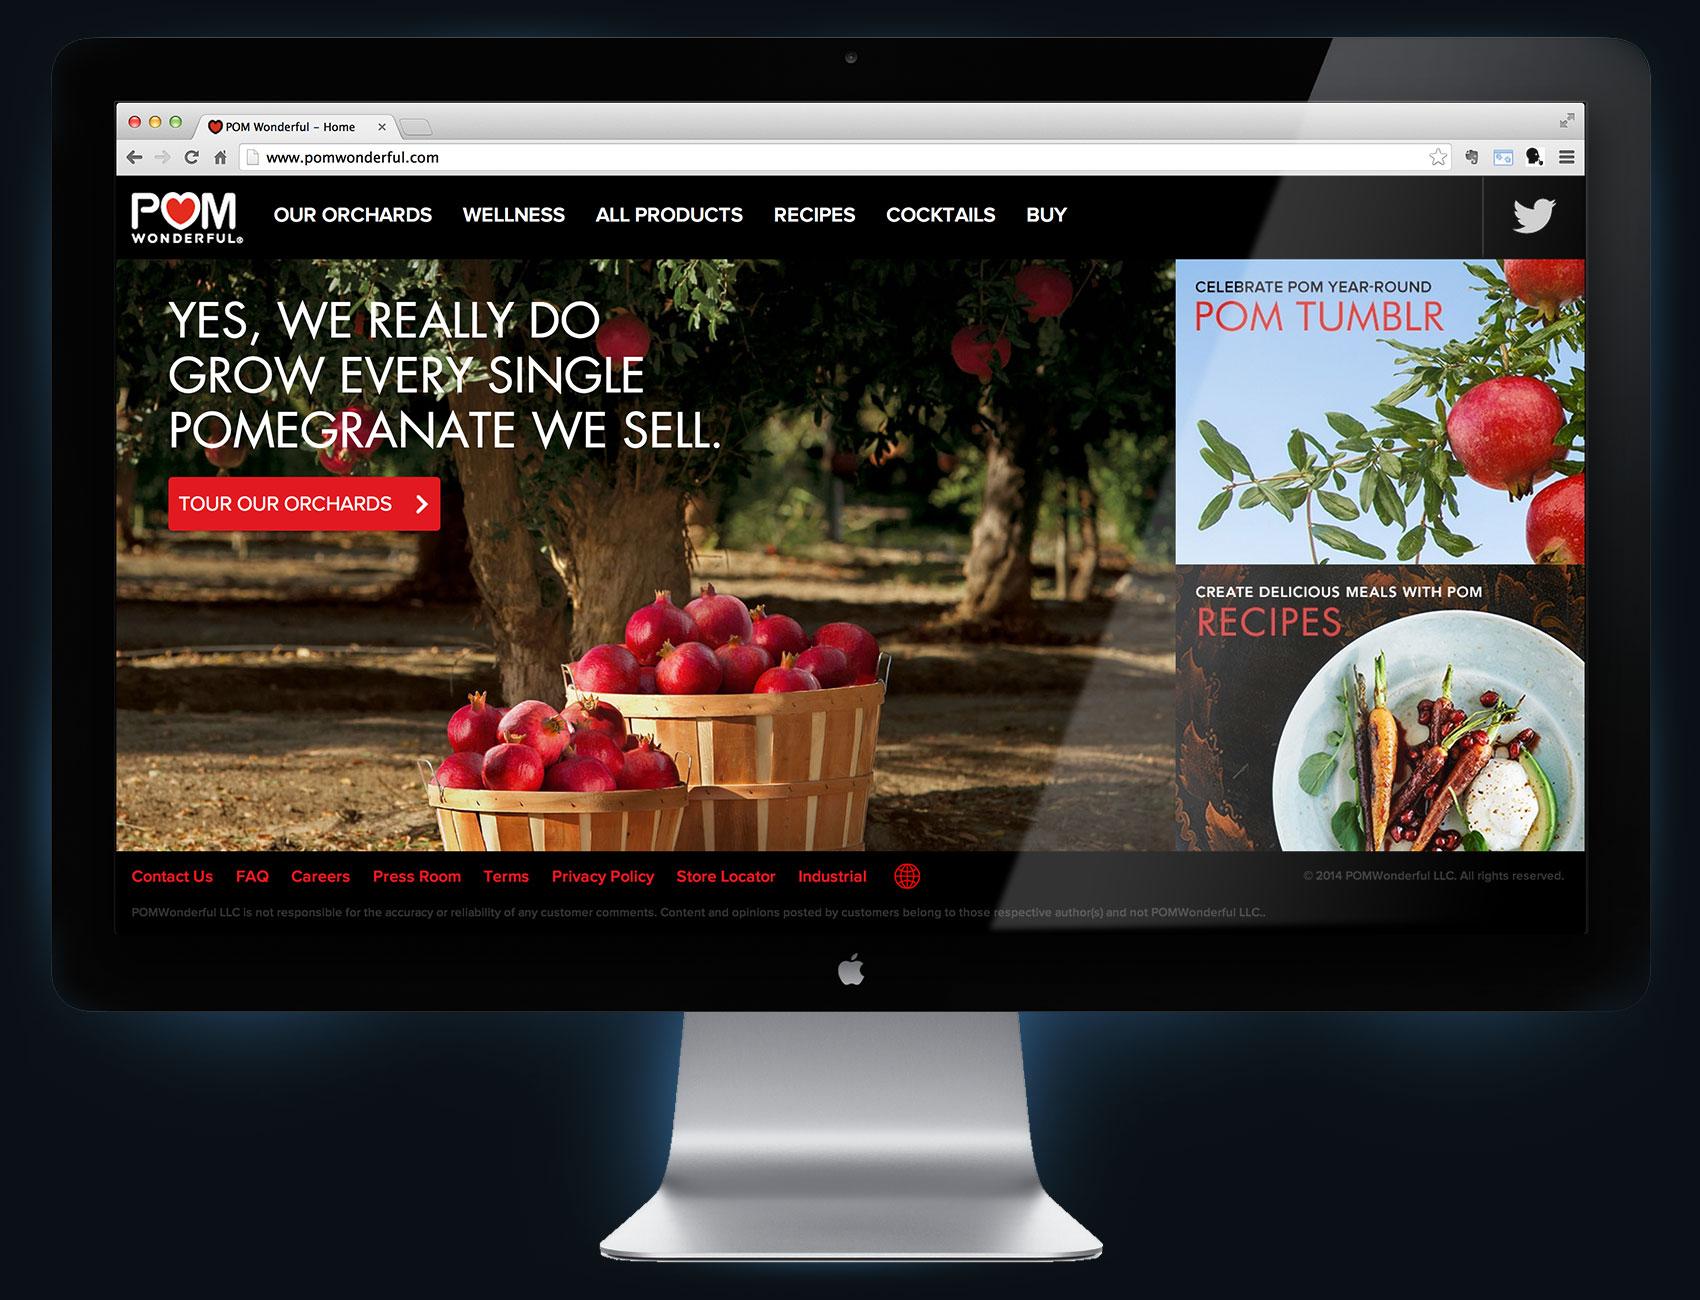 pom-wonderful-home-page-imac.v2.jpg